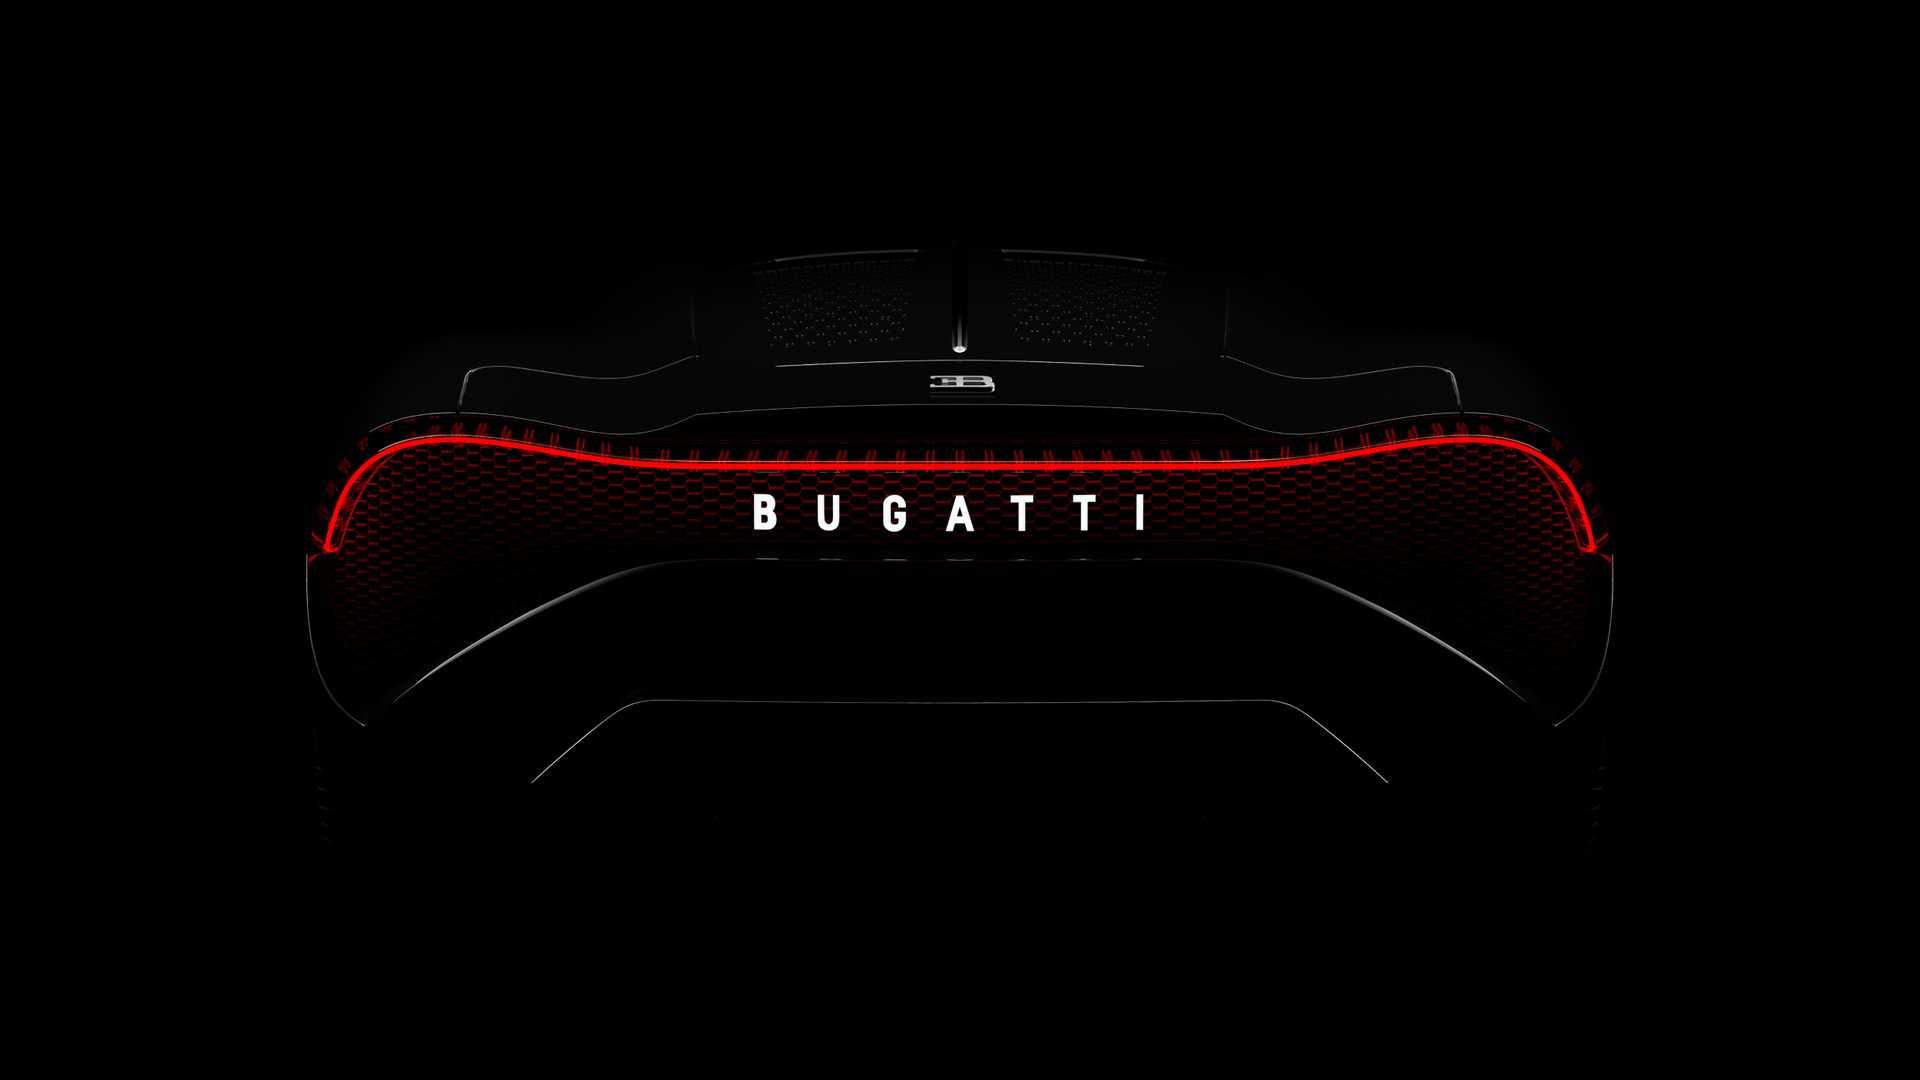 bugatti-la-voiture-noire (27)